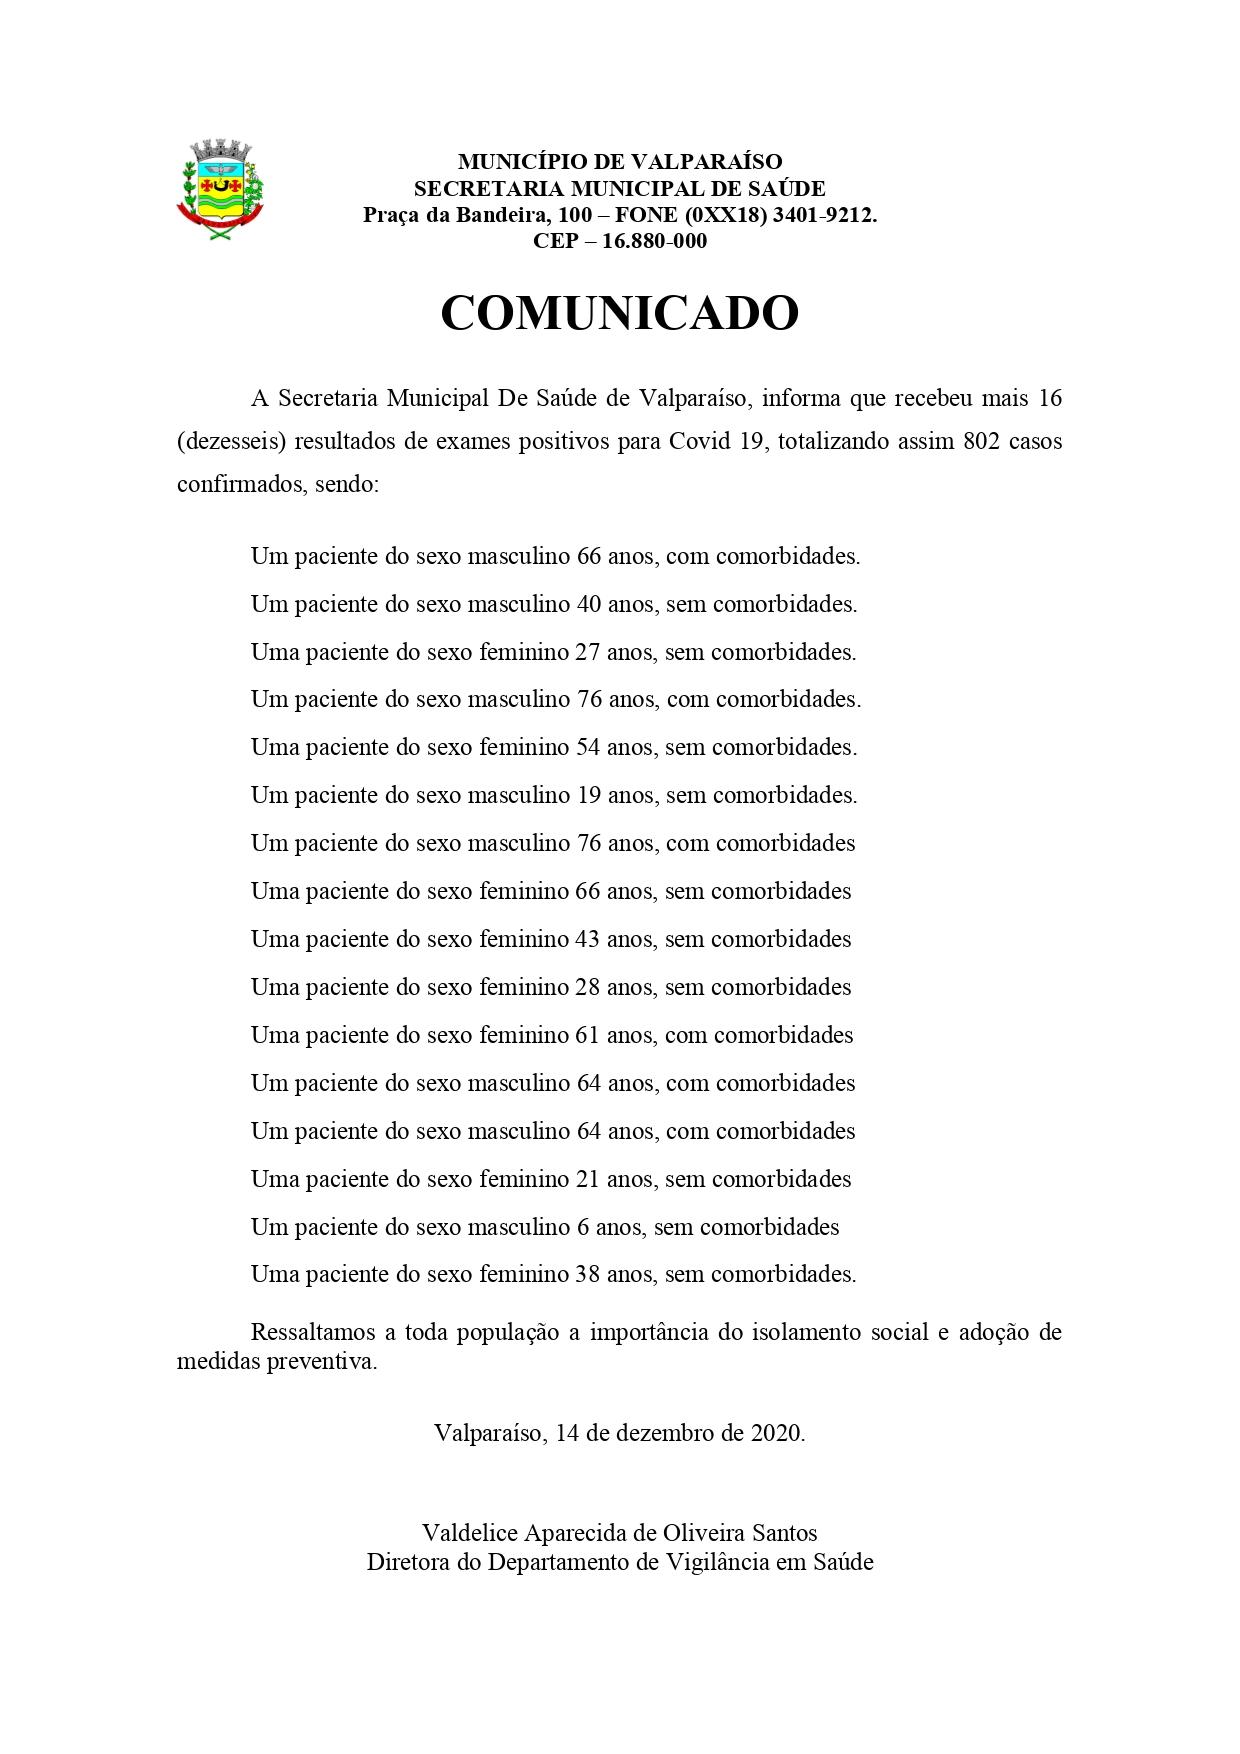 covid802